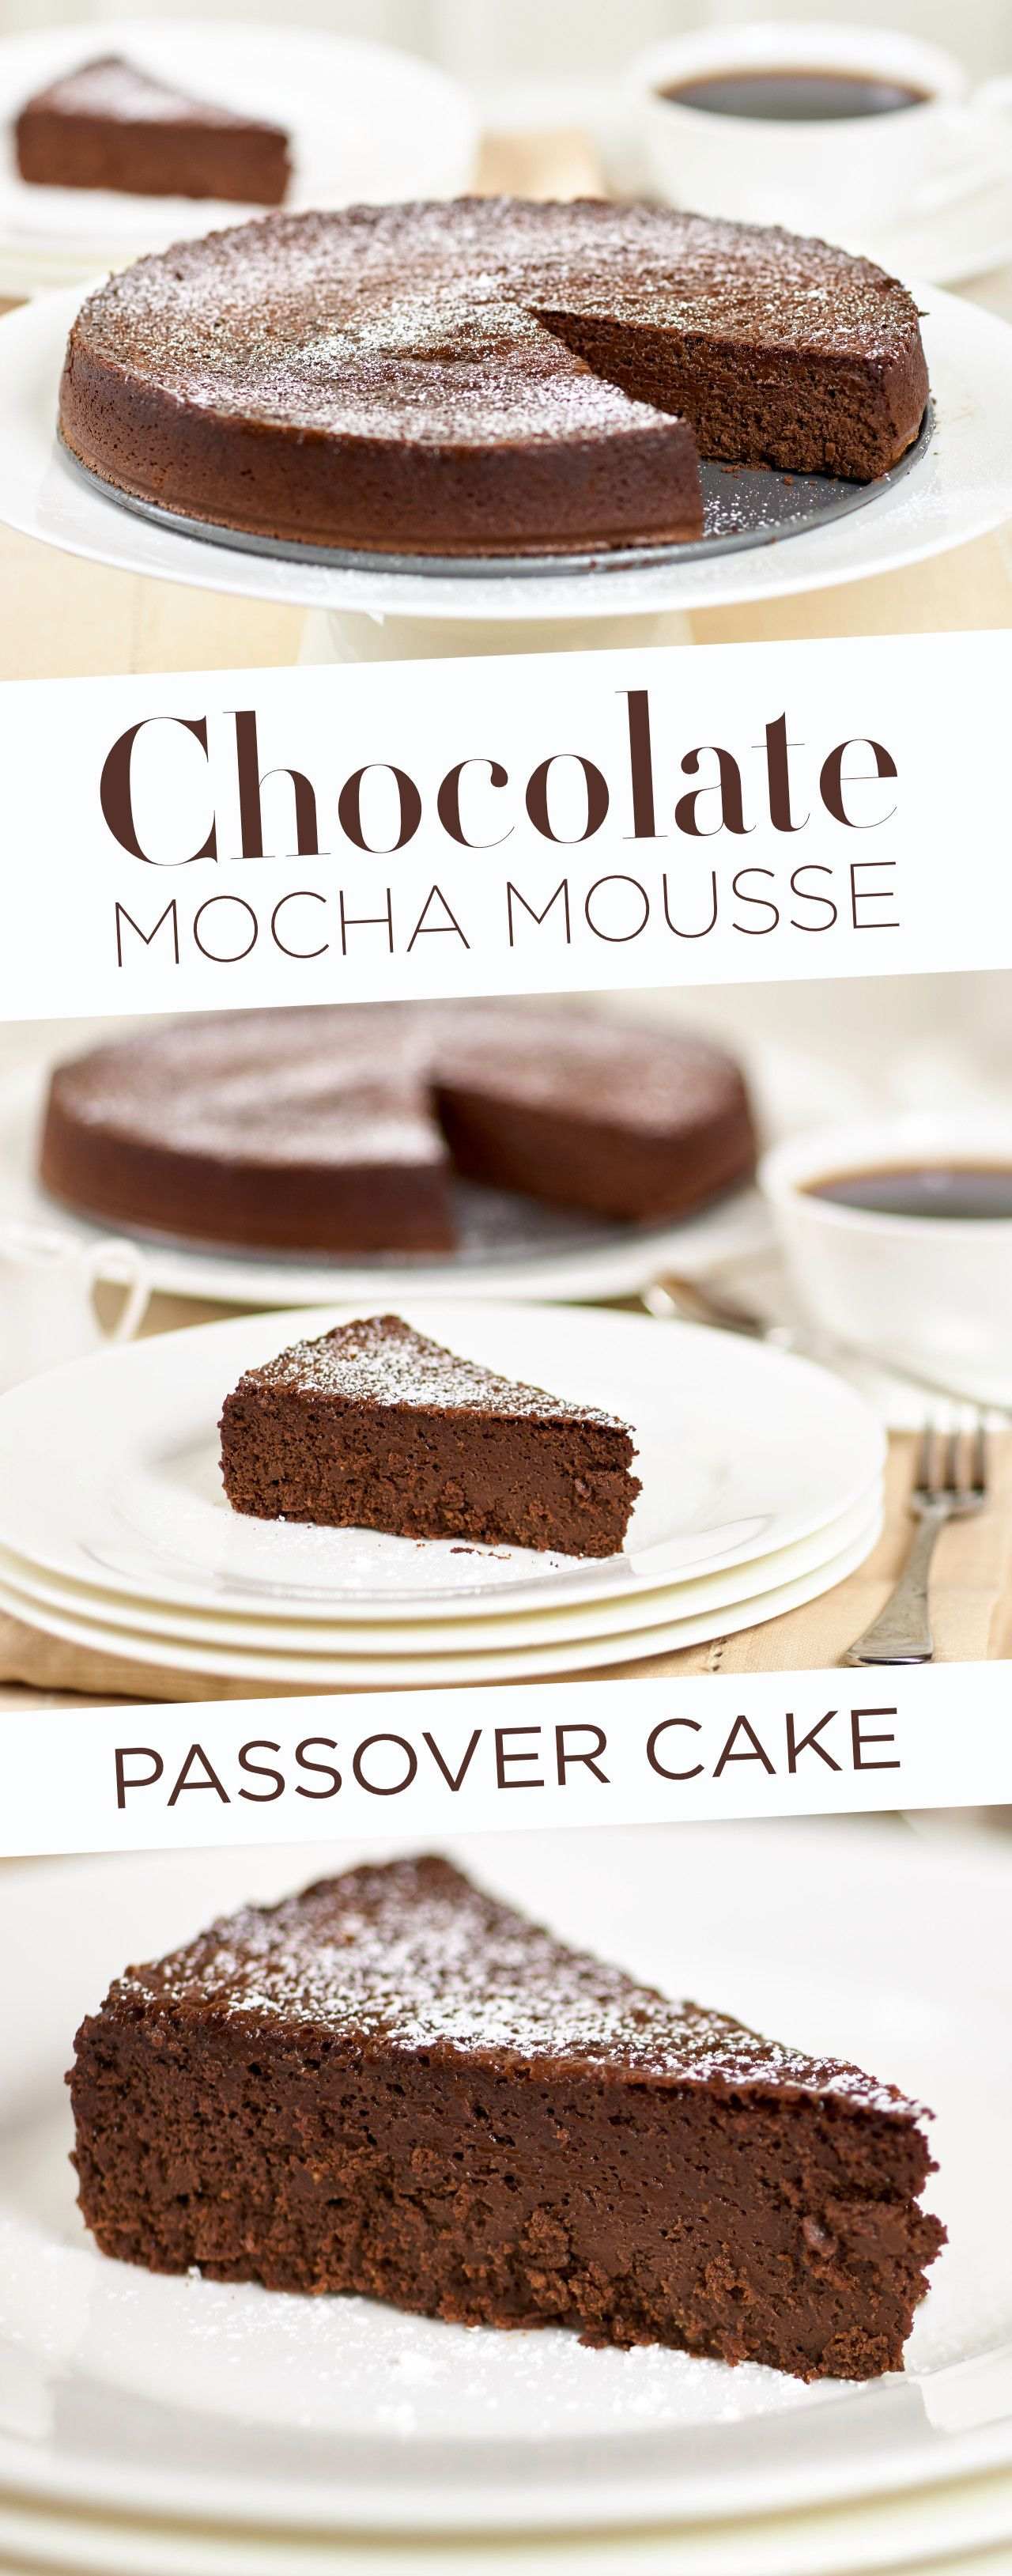 Chocolate mocha mousse passover cake recipe cake